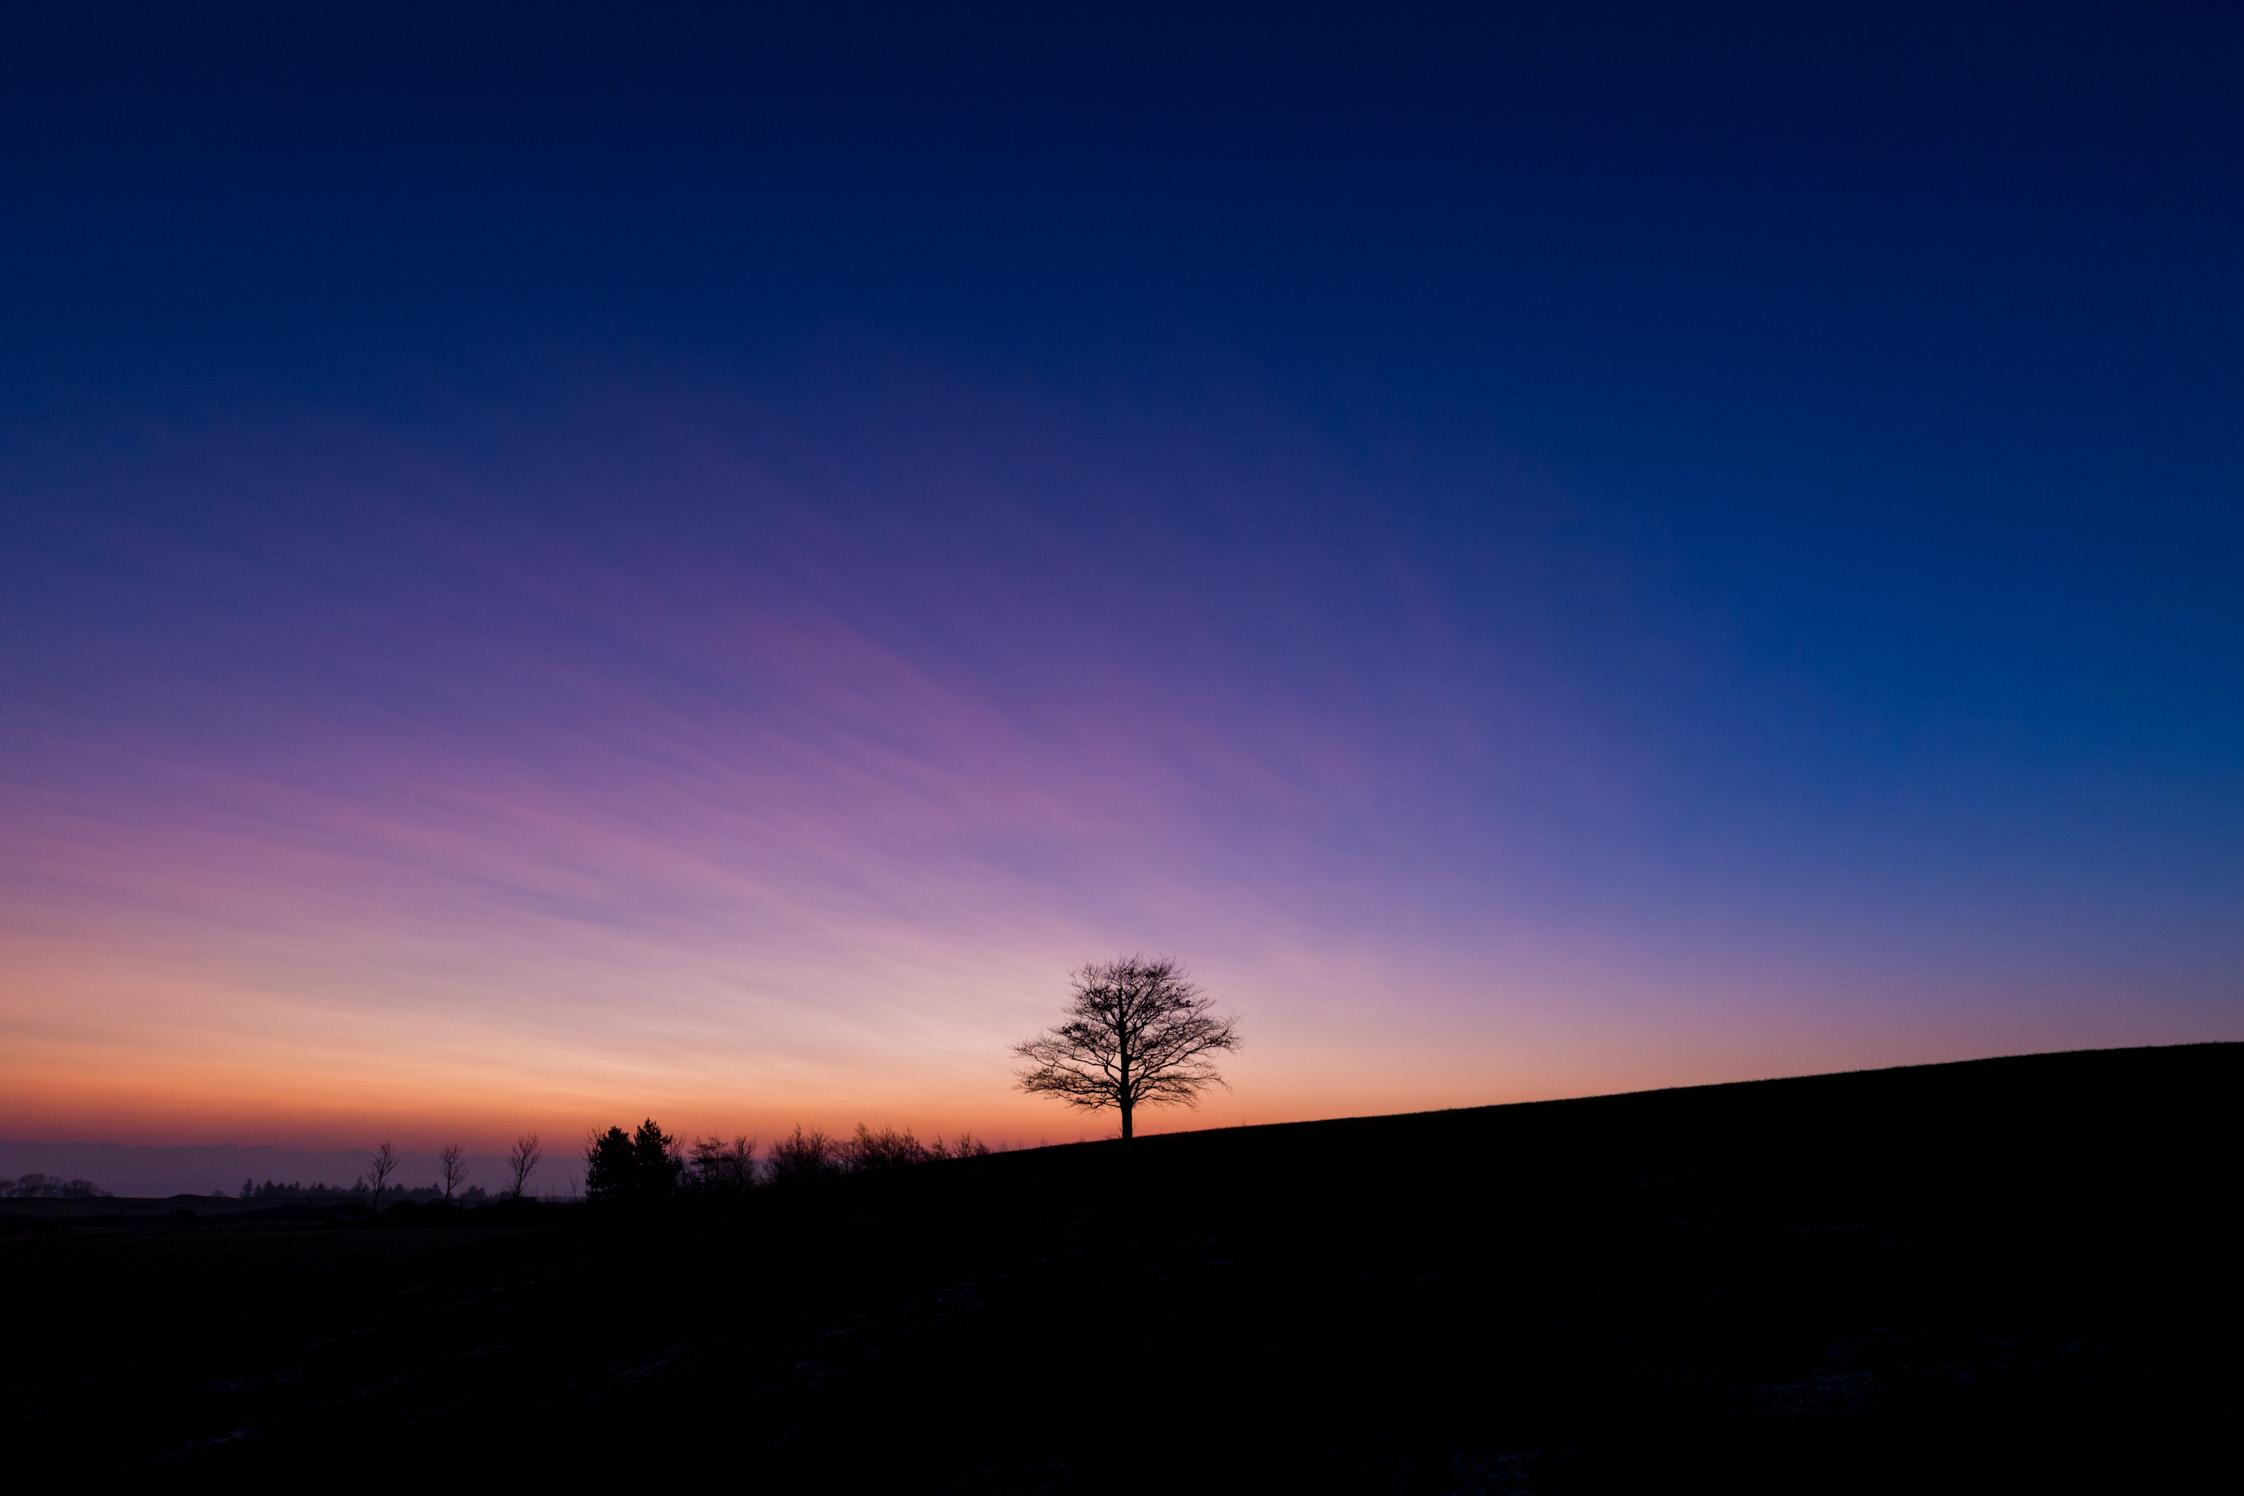 Sunrise in Scotland St Andrews Fairmont